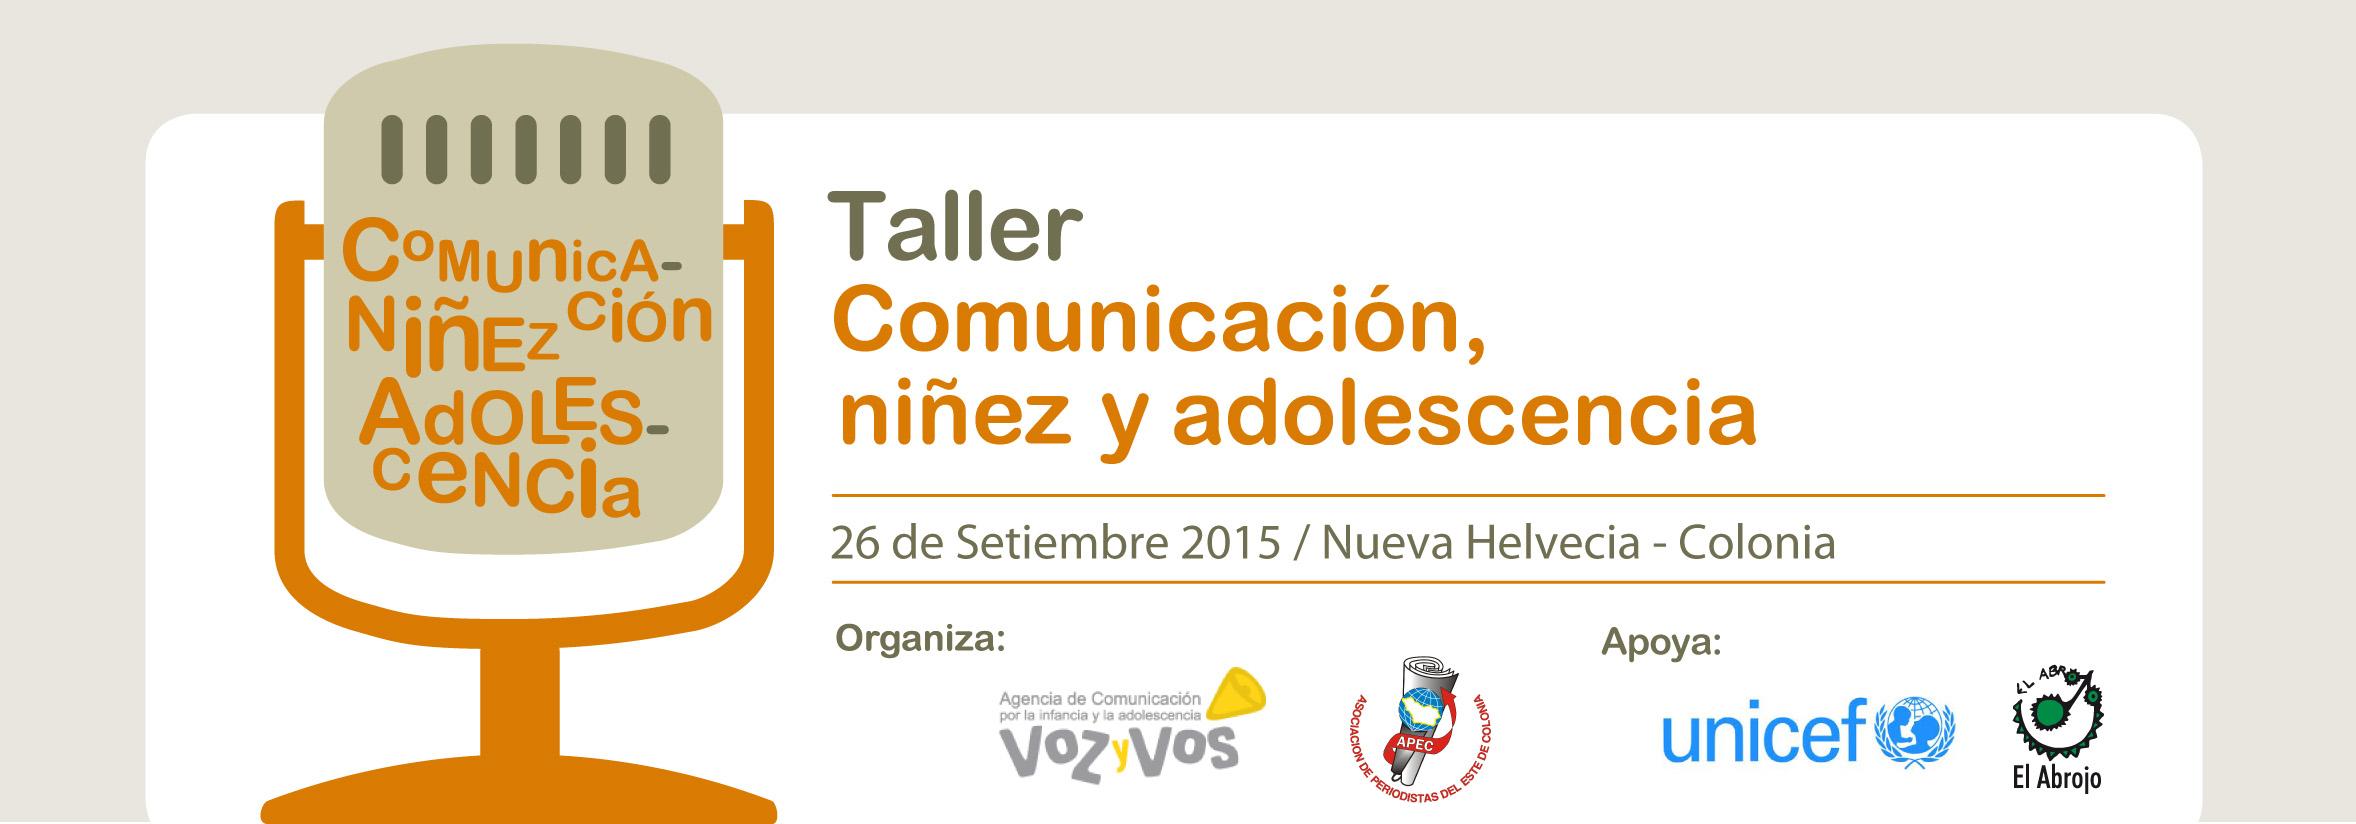 LOGO seminario Talleres Periodistas 2015 -Colonia